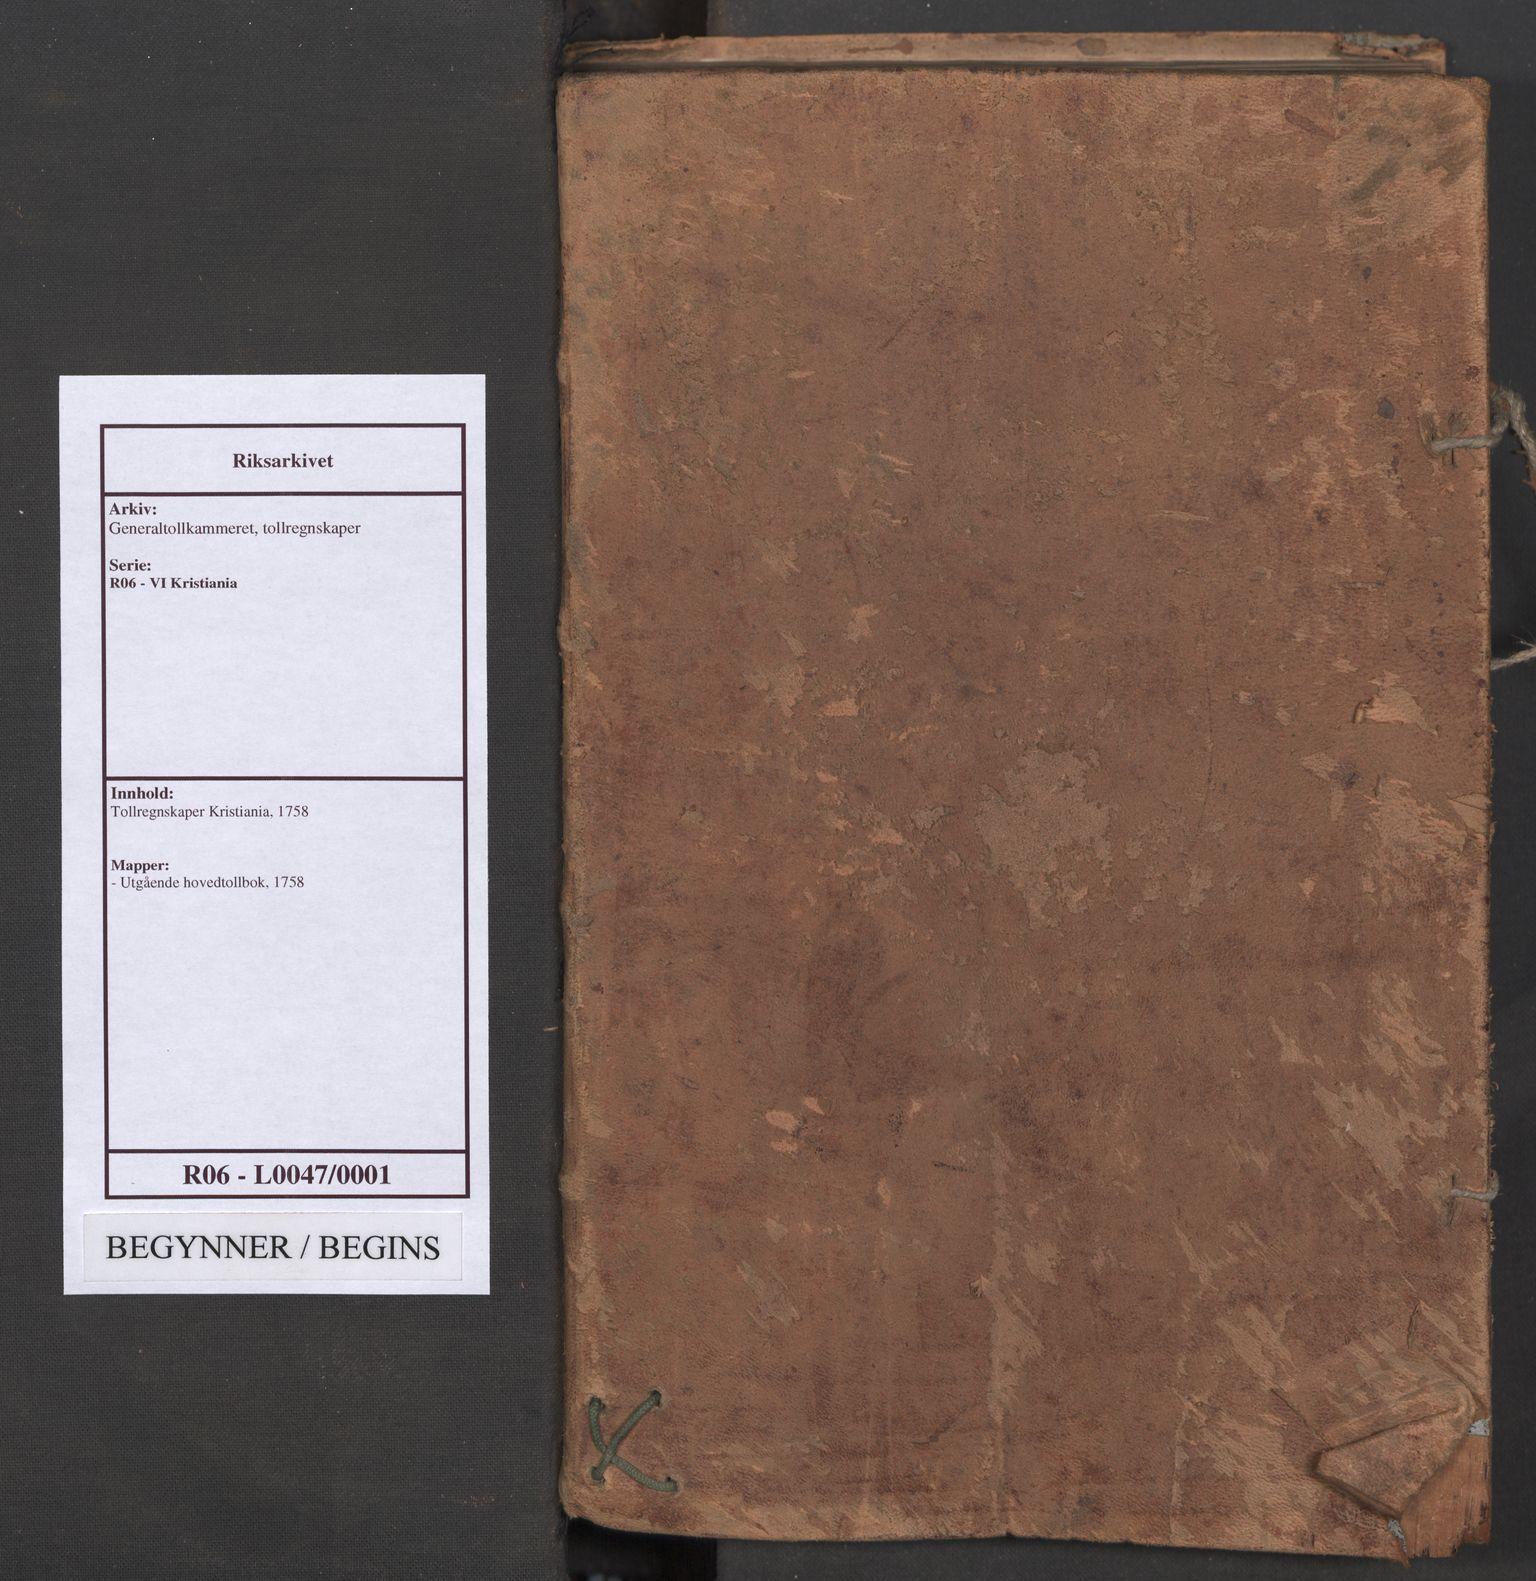 RA, Generaltollkammeret, tollregnskaper, R06/L0047: Tollregnskaper Kristiania, 1758